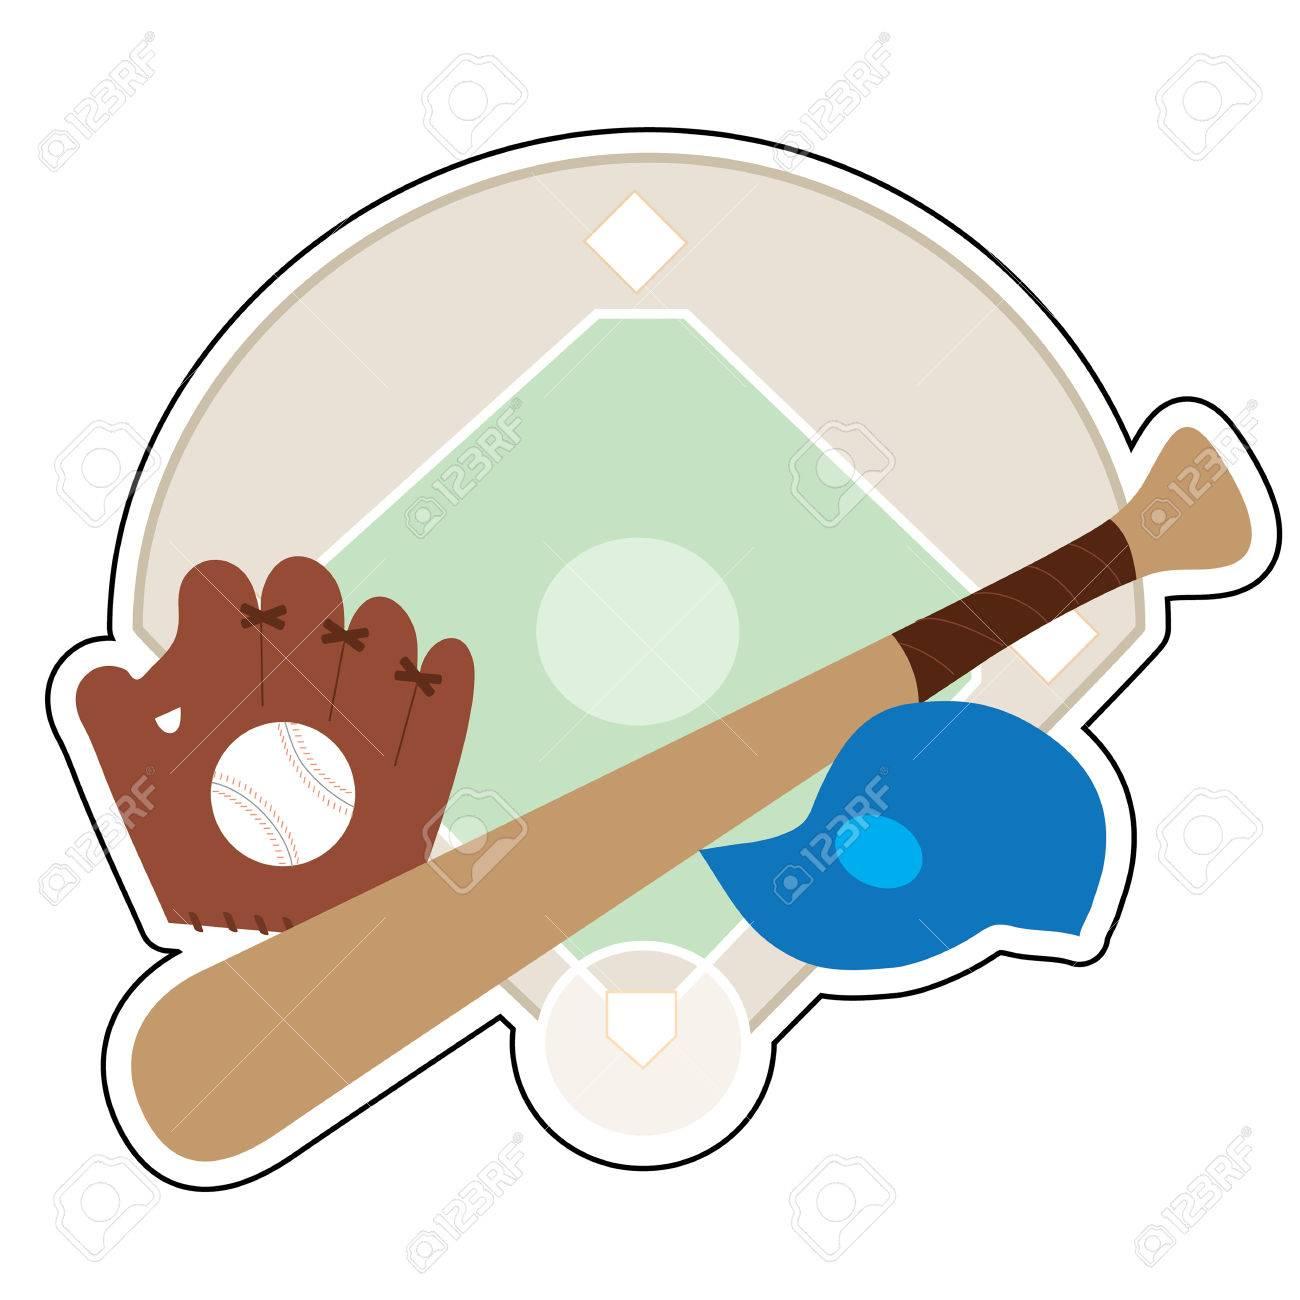 A baseball diamond,baseball bat,baseball cap and baseball mit on a background featuring a baseball diamond - 60714580